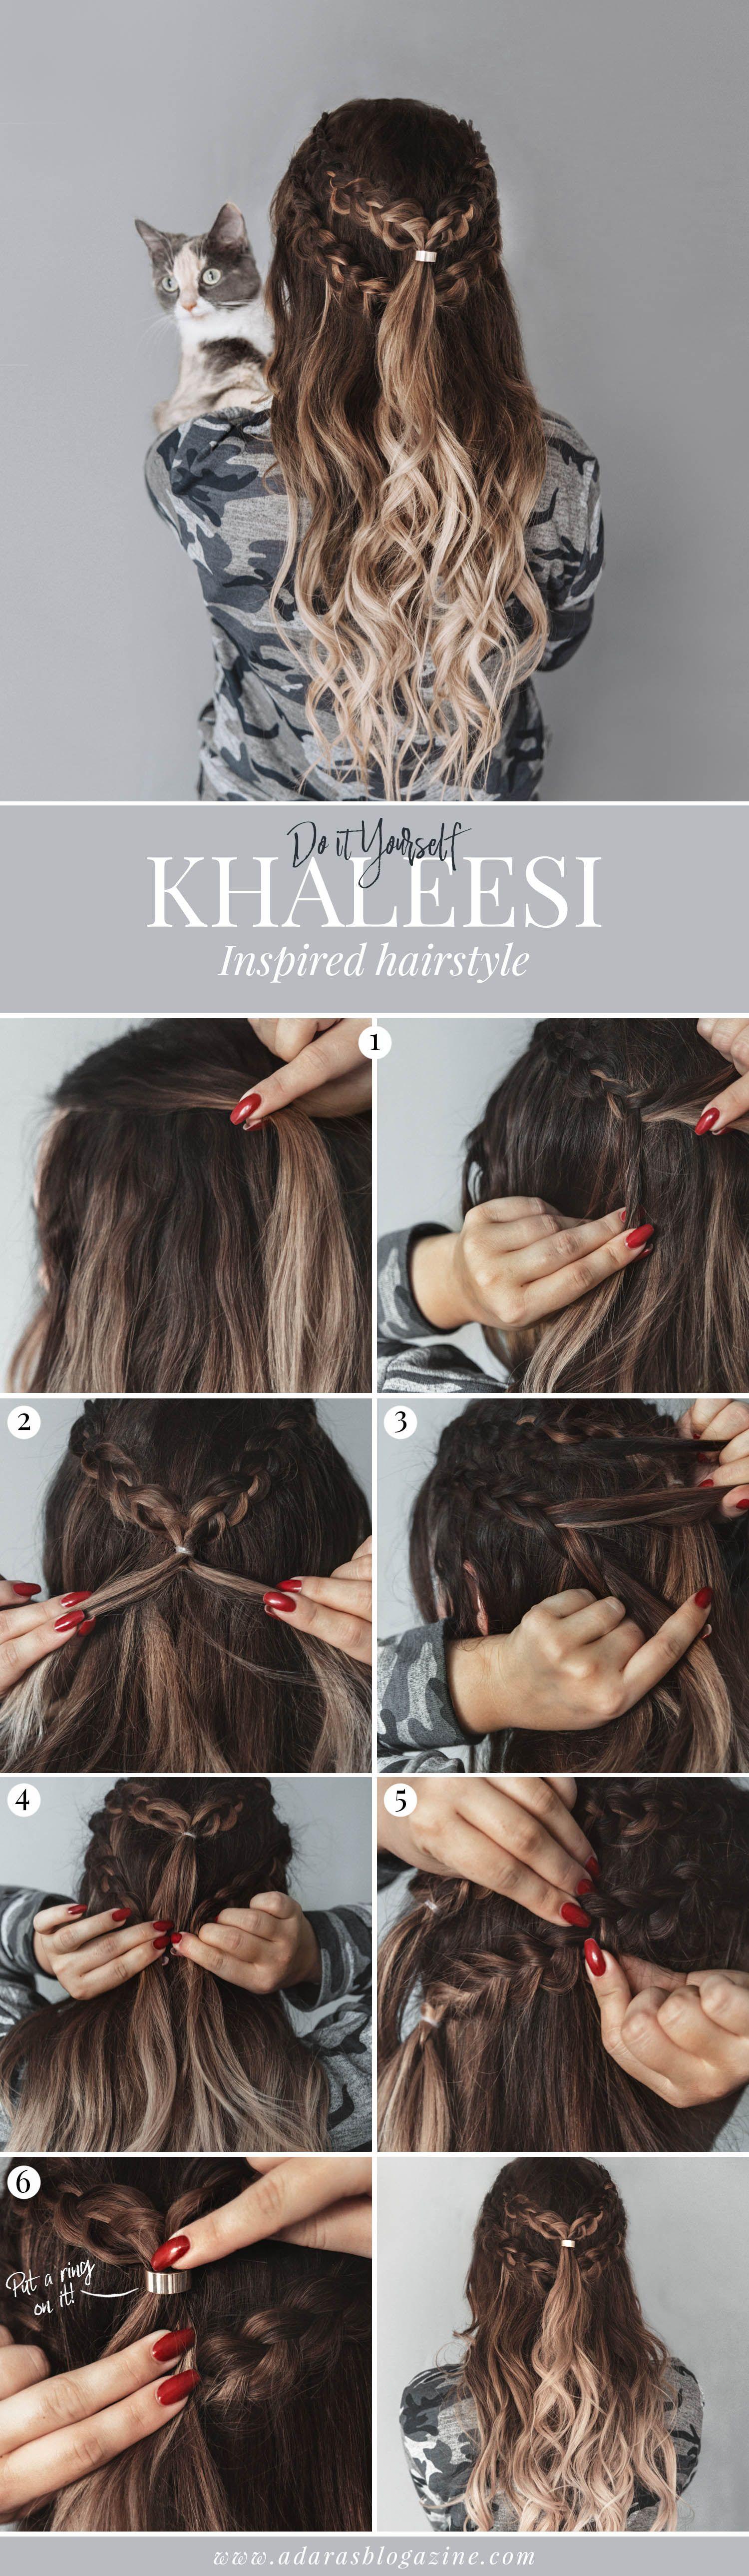 Tutorial khaleesi hairstyle with braids in simple steps hair